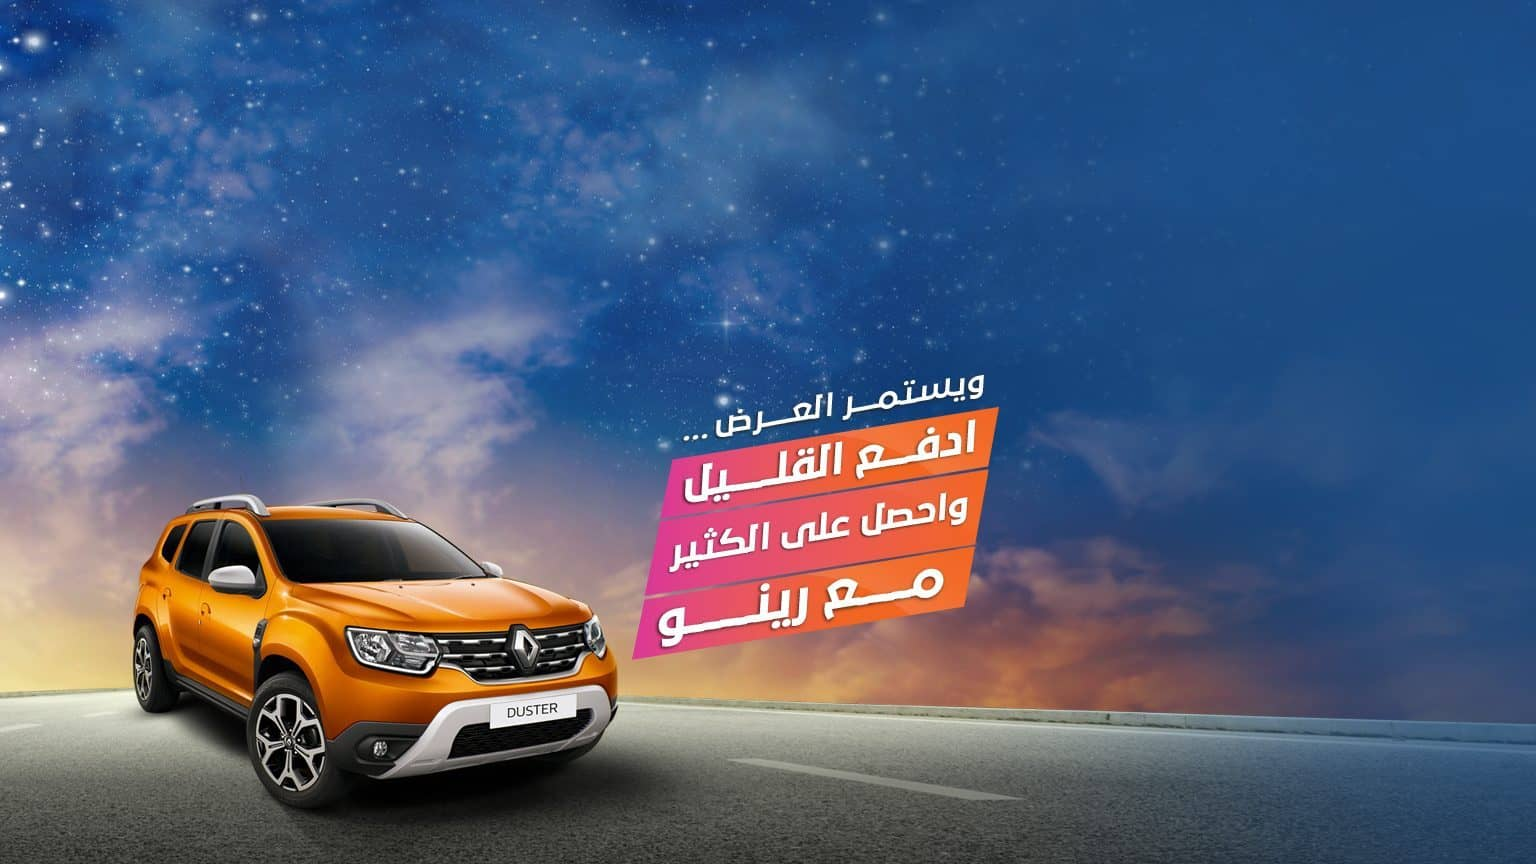 عروض السيارات السعودية افضلية الخليج رينو داستر